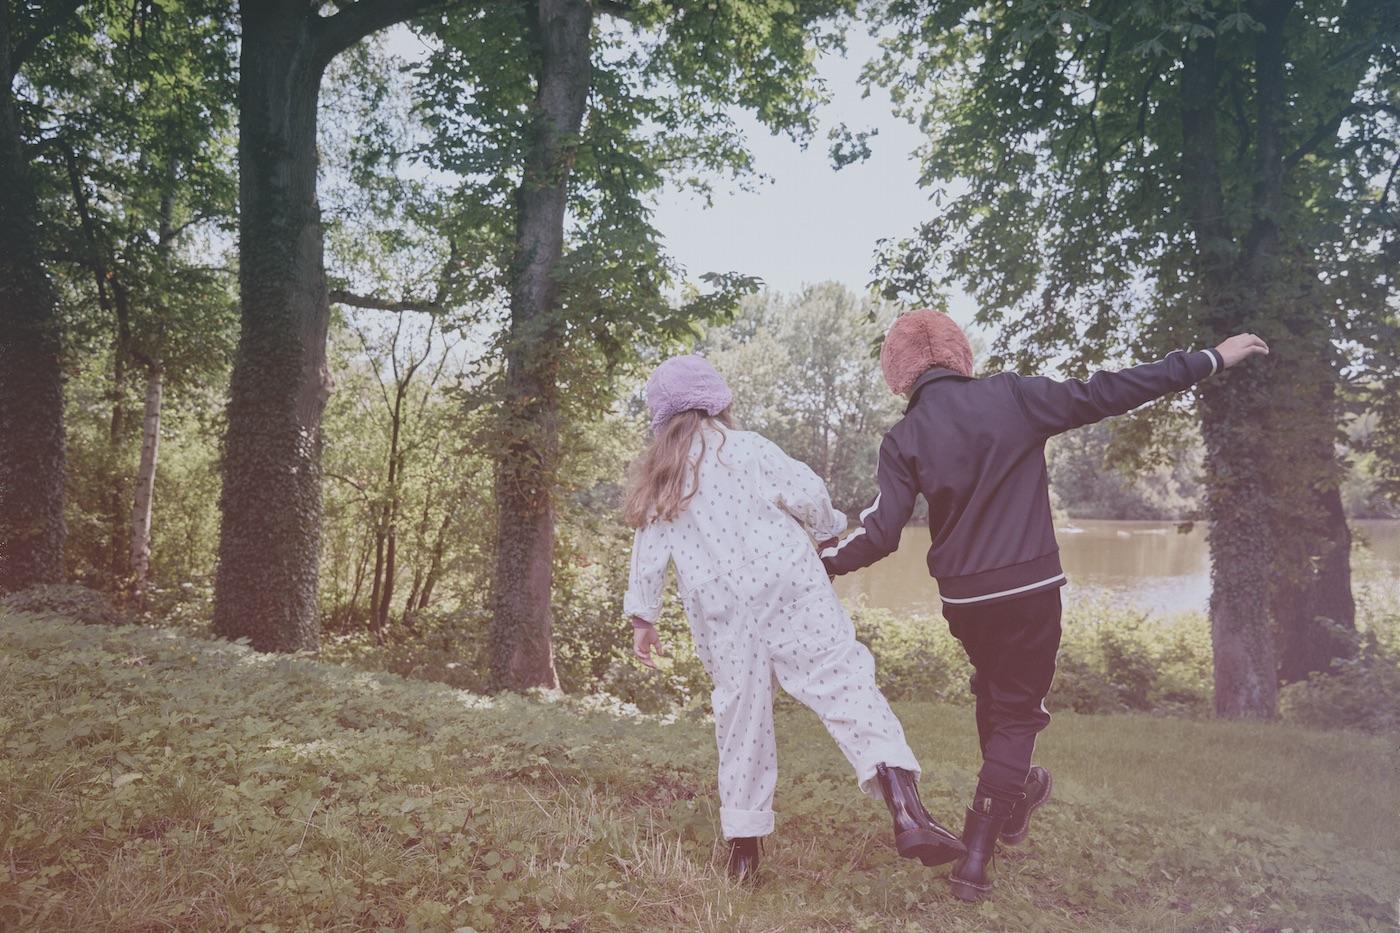 Kindermode Berlin Herbstschätze Modestrecke für Kinder // HIMBEER